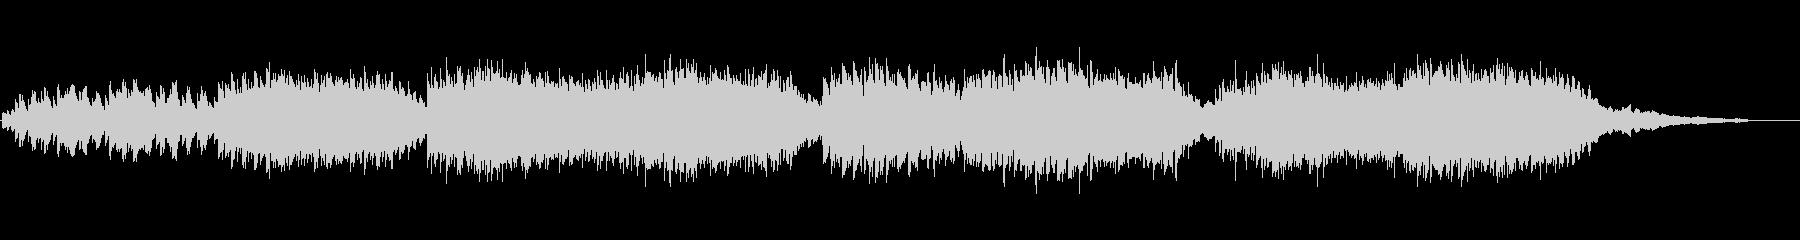 ピアノとストリングスの切ない音楽の未再生の波形